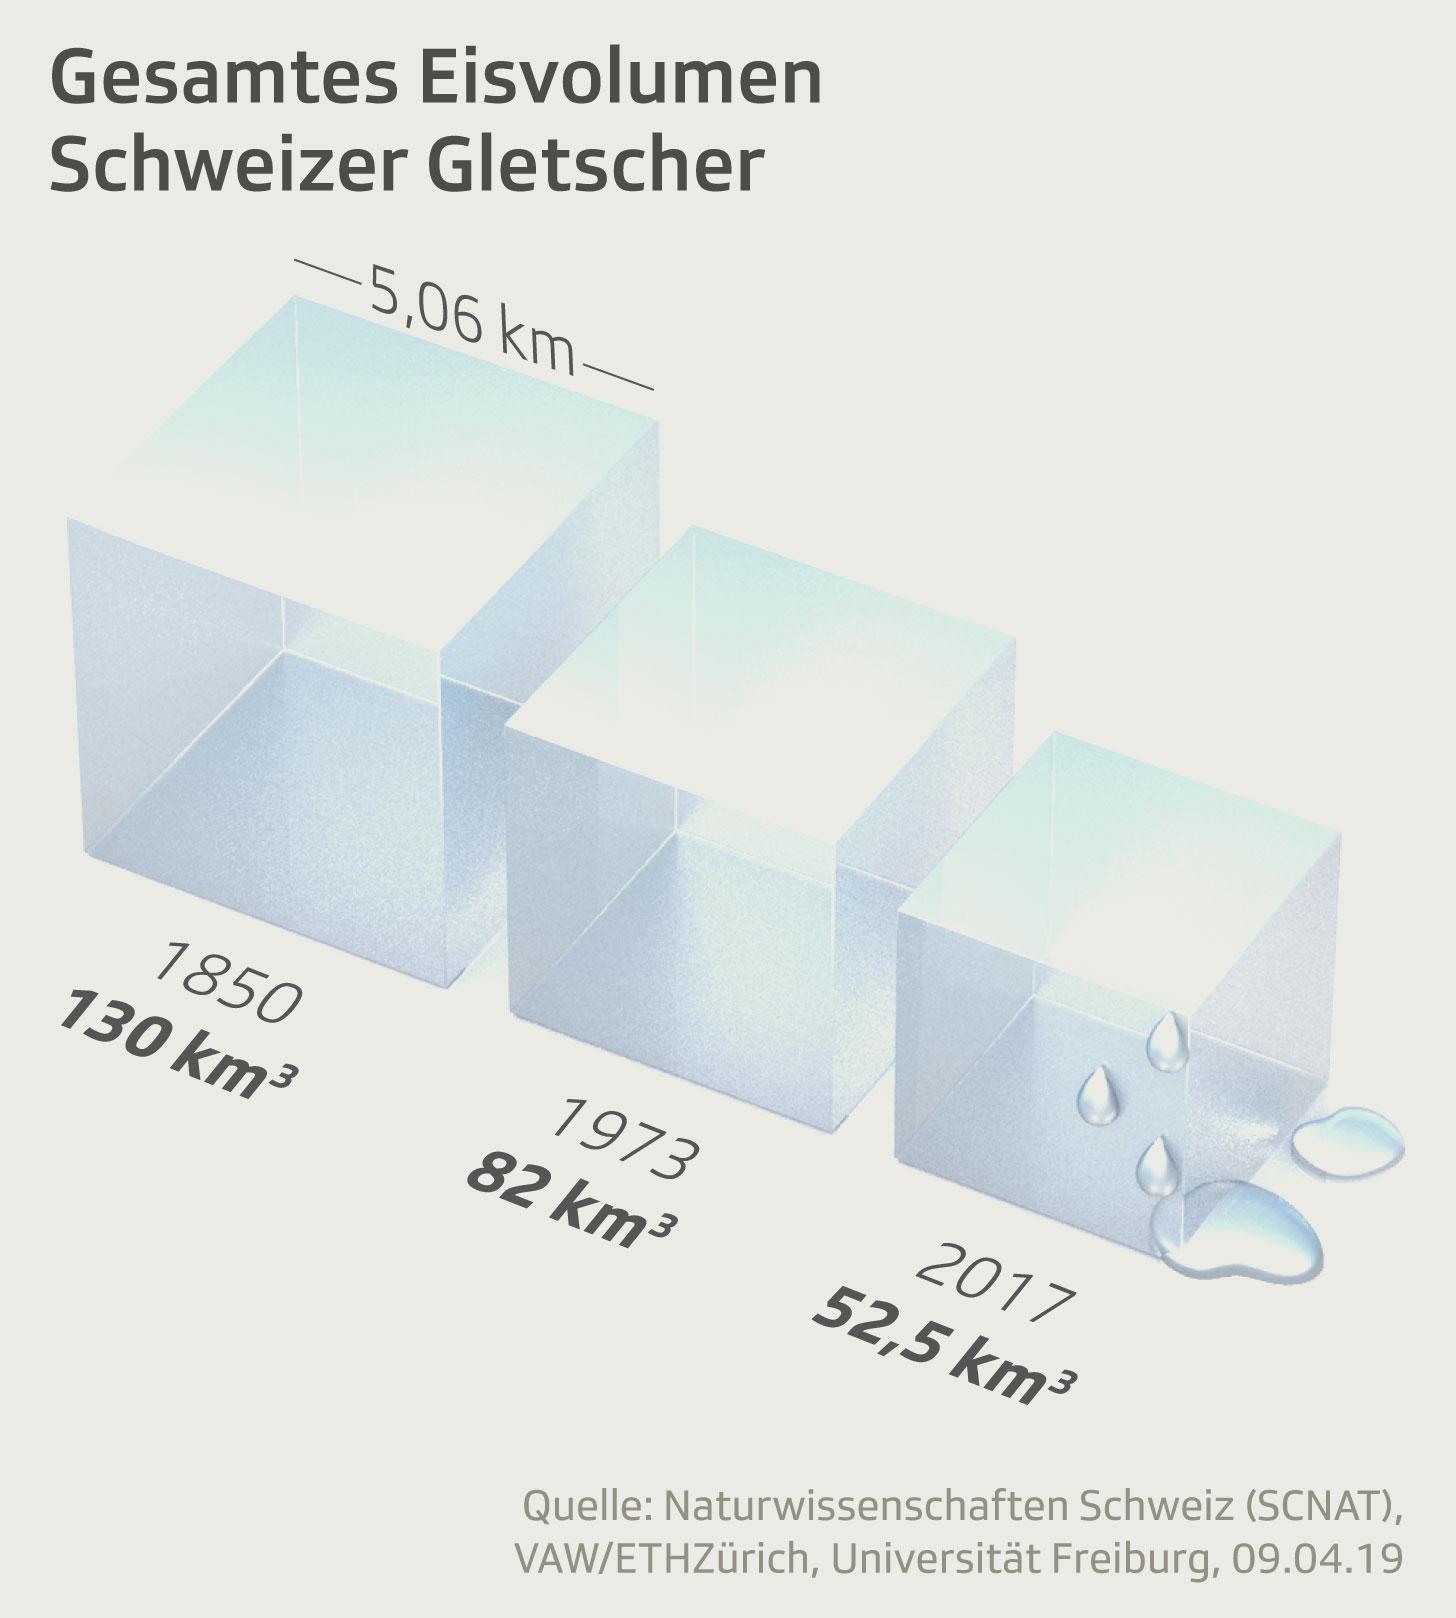 Gesamtes Eisvolumen Schweizer Gletscher